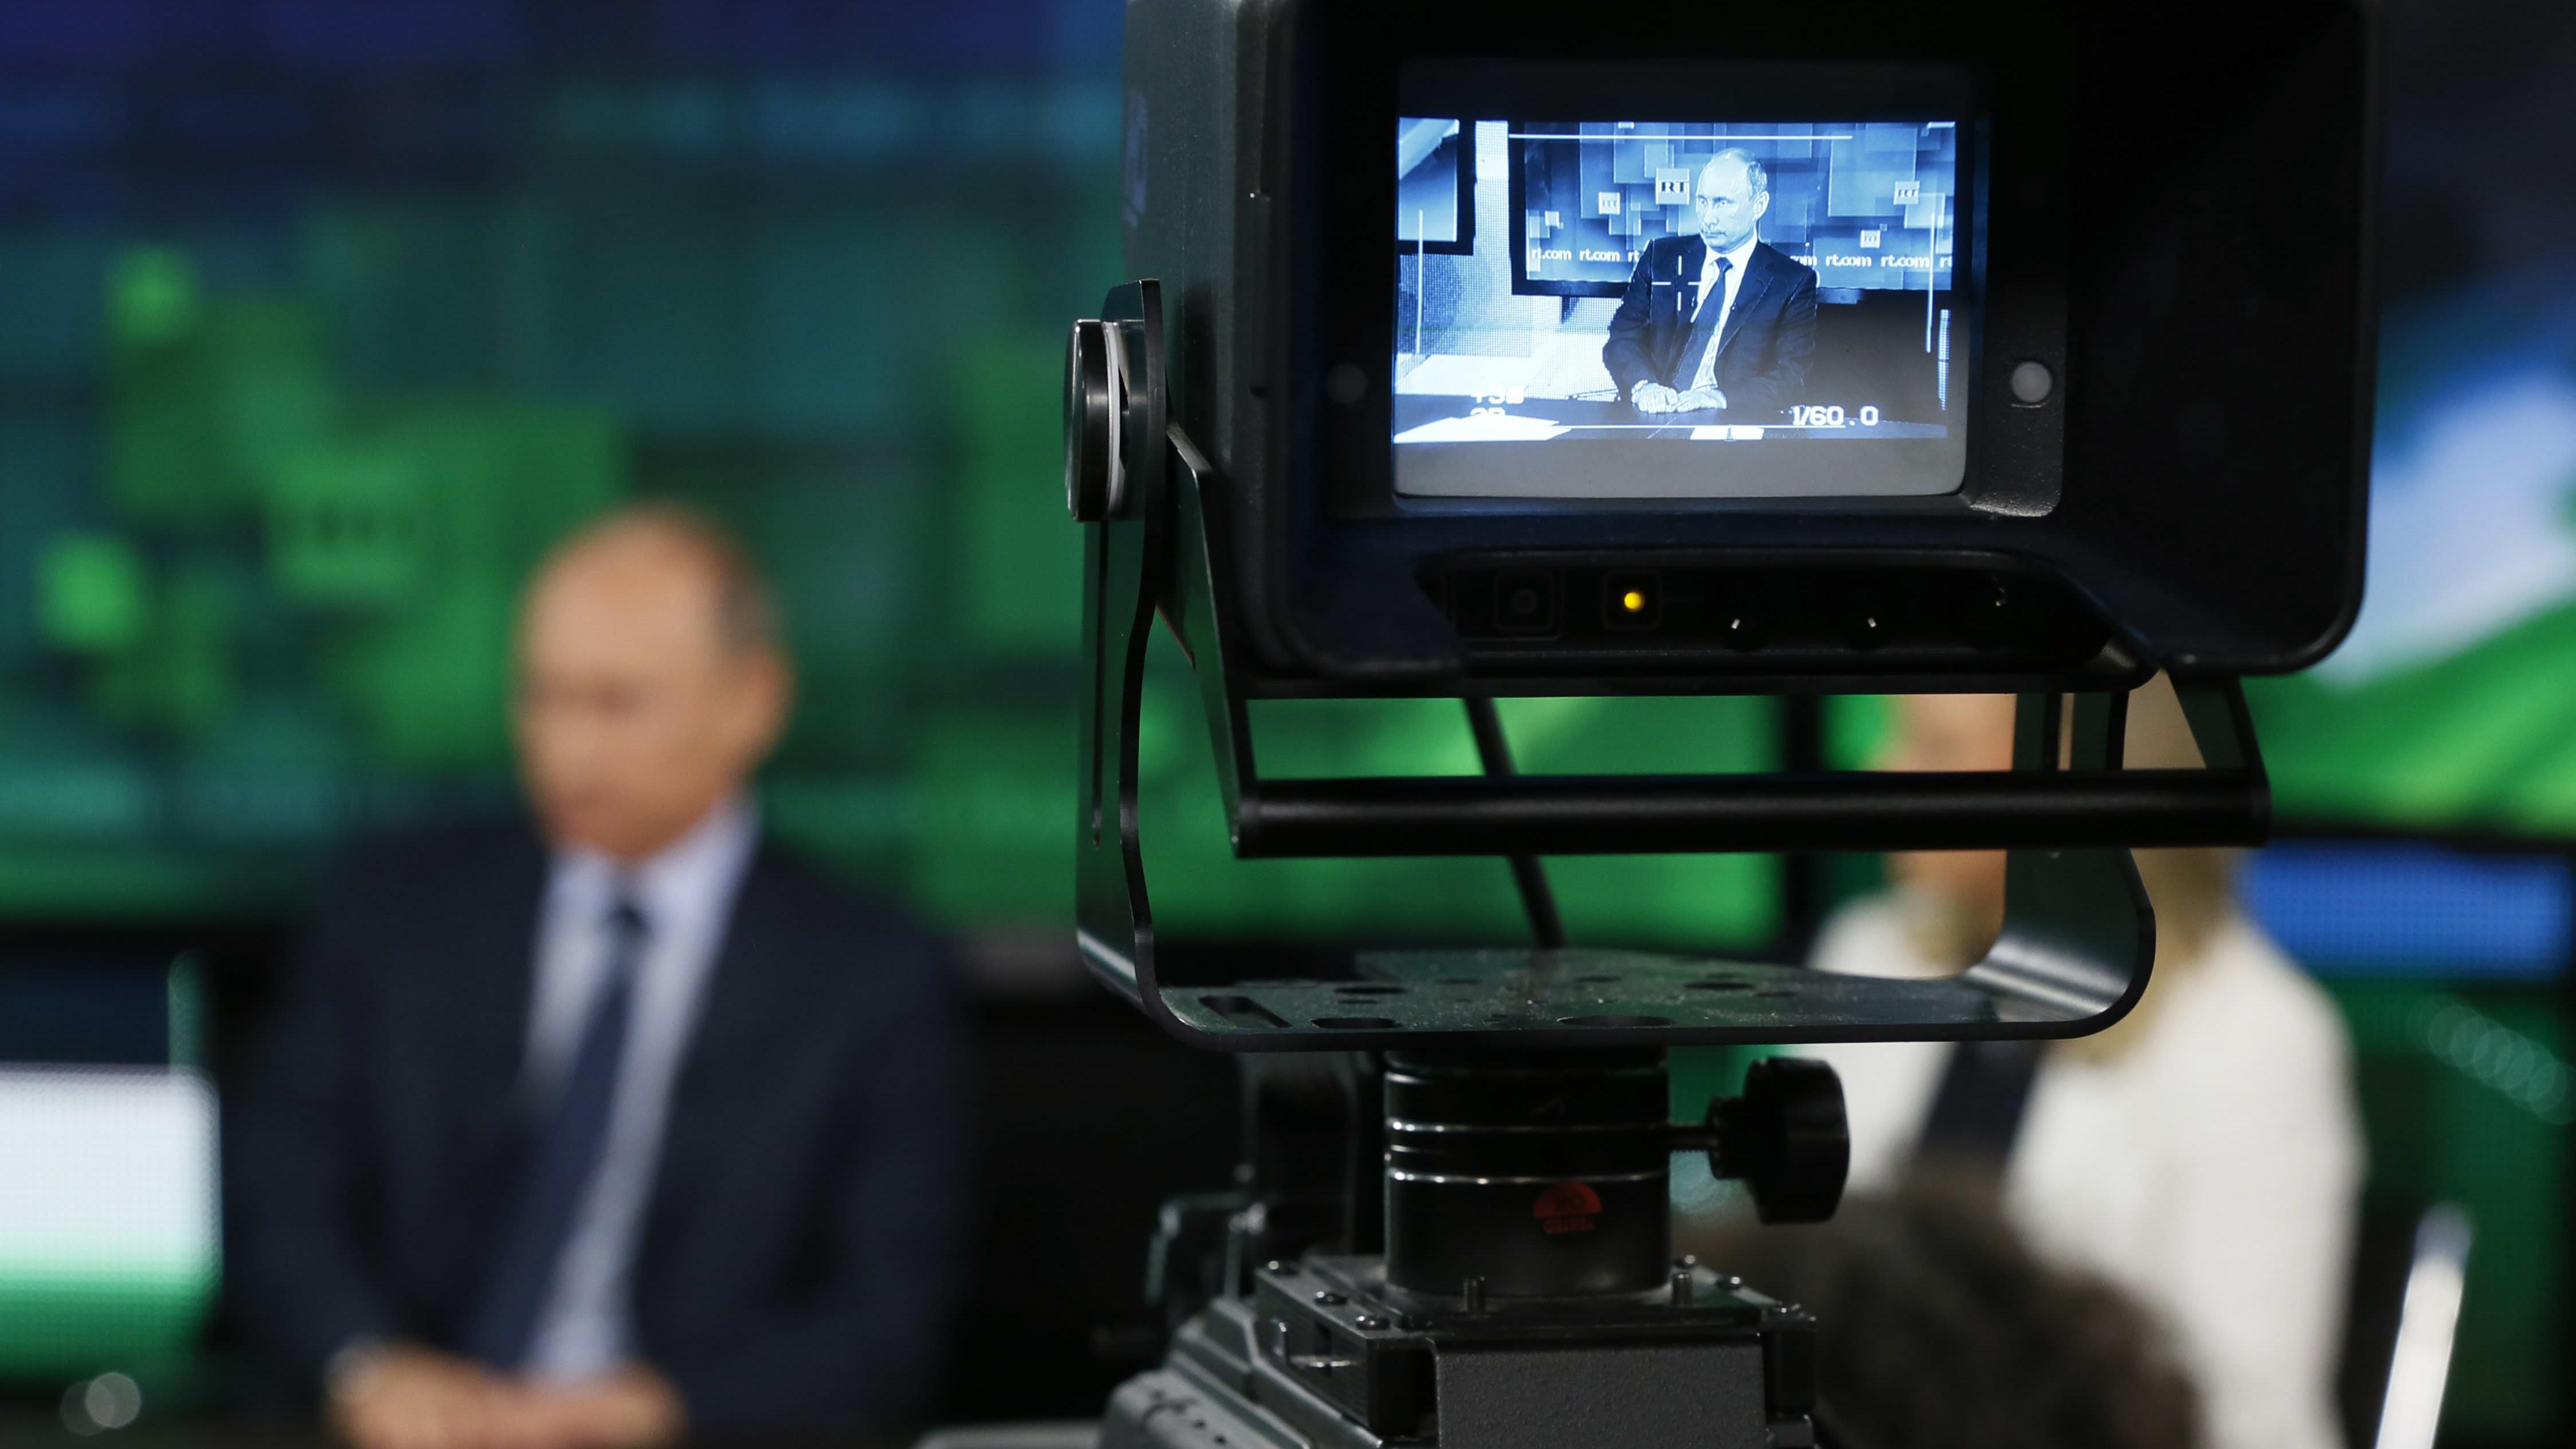 Presidentti Vladimir Putin näkyy häilyvänä kameran taustalla, RT-kanavan kuvaukset käynnissä.